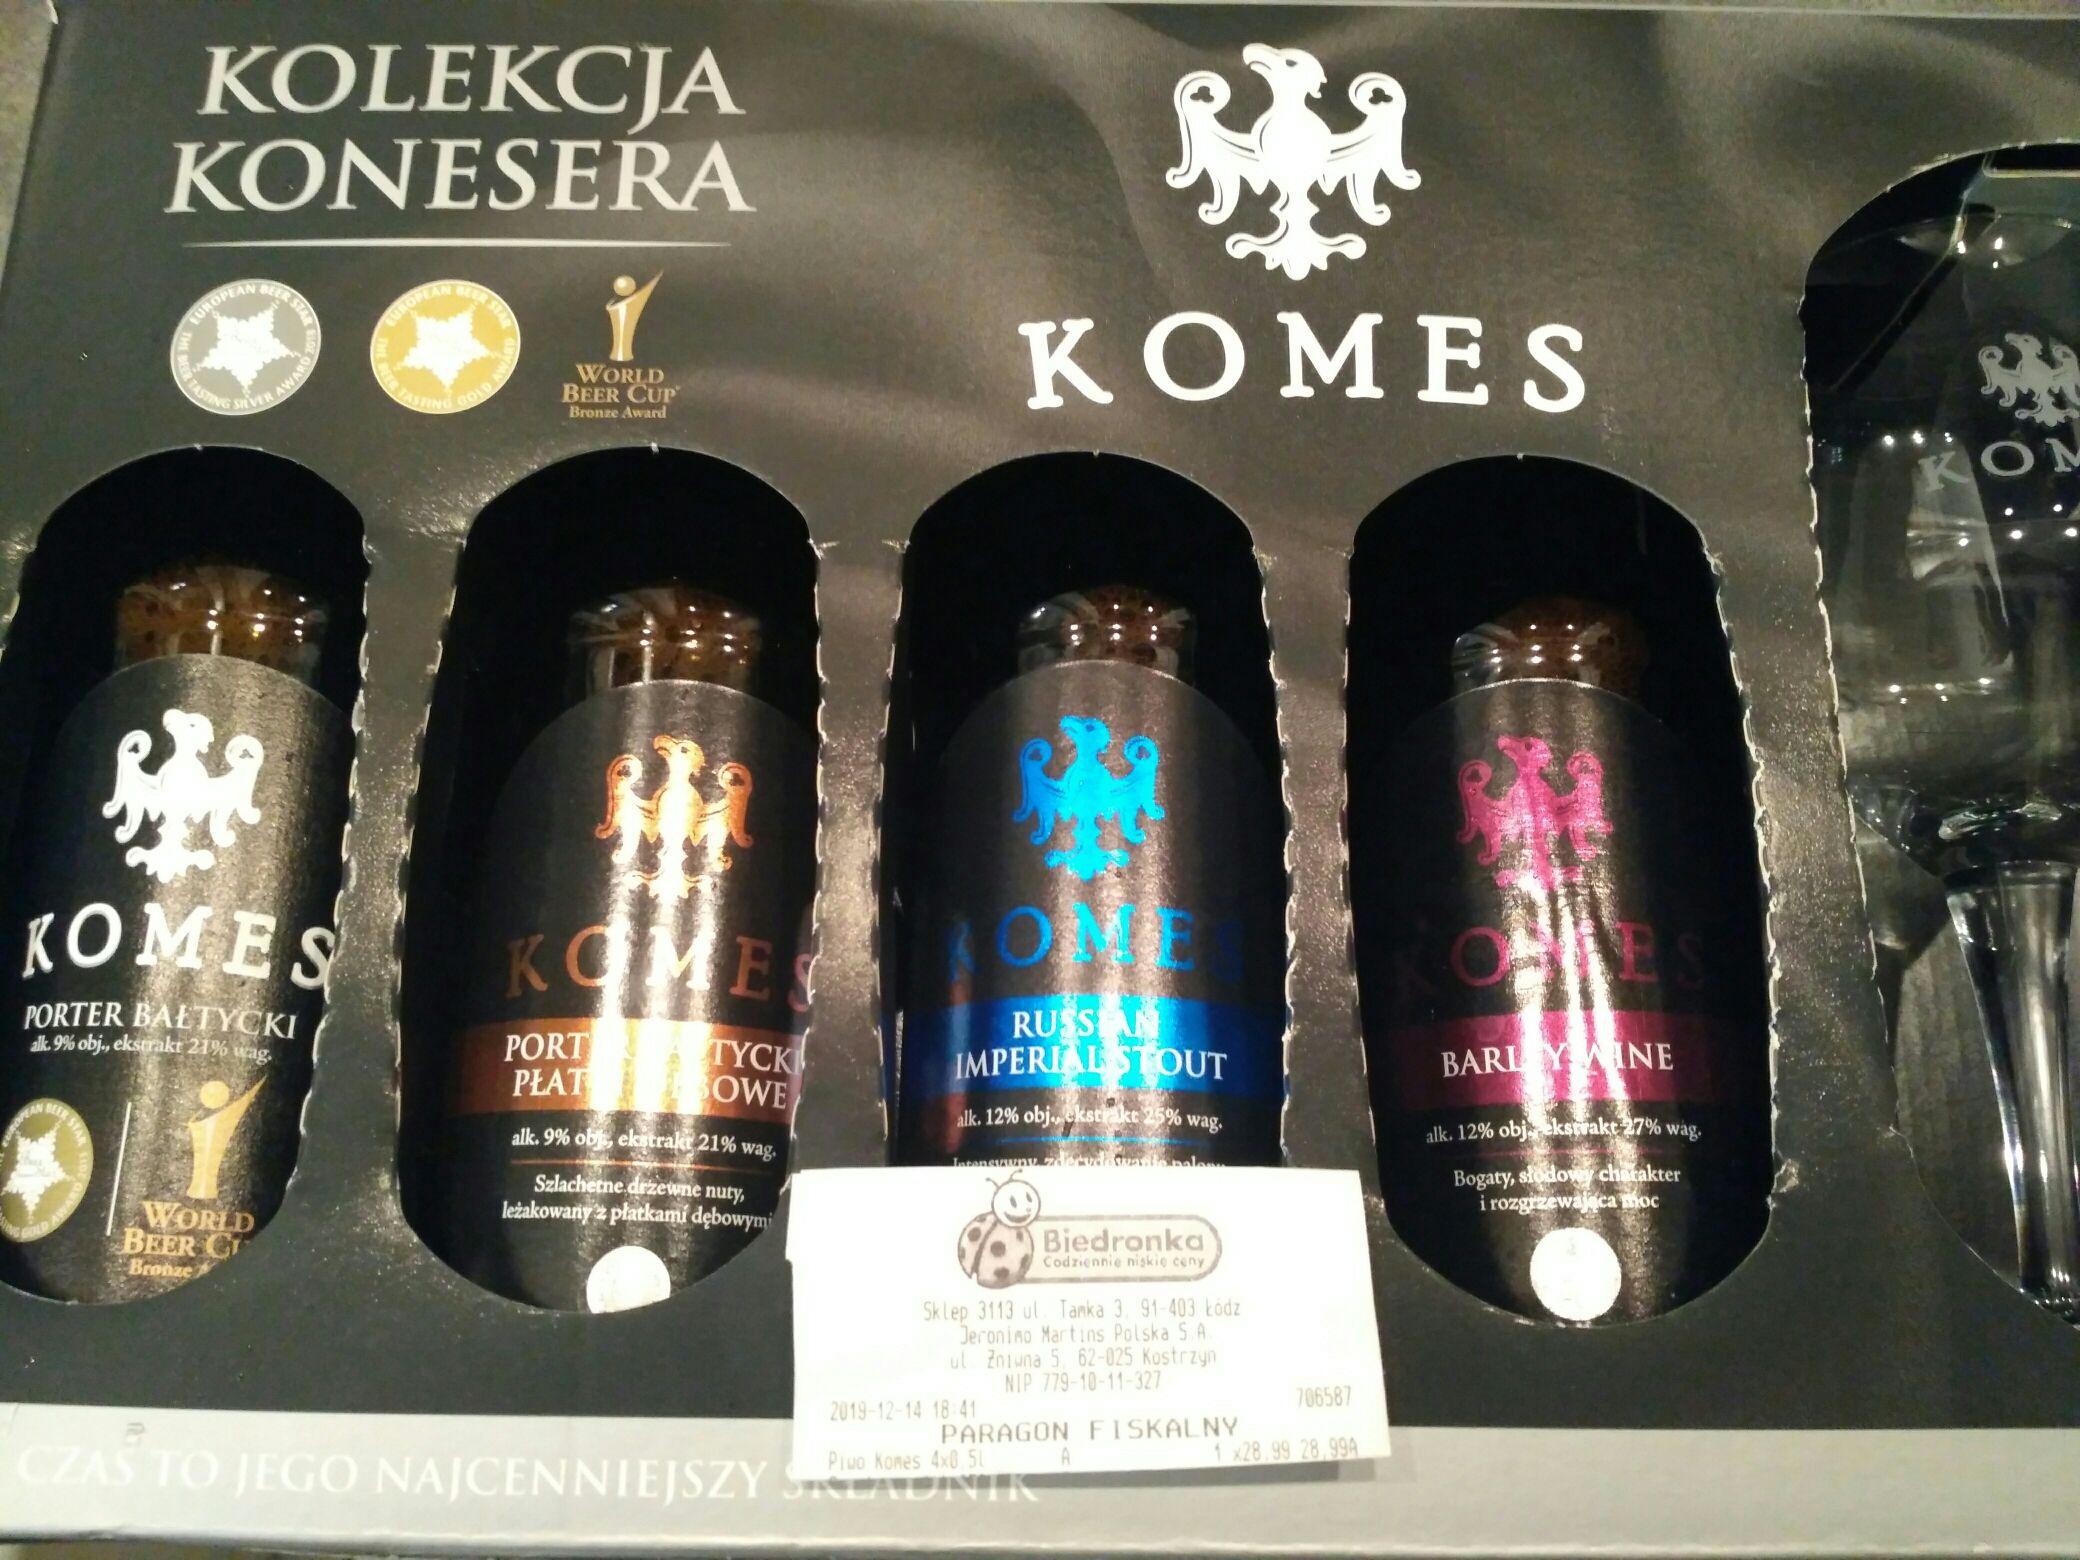 KOMES - 4 x 0,5L + TEKU 2.0 ZESTAW @ Biedronka